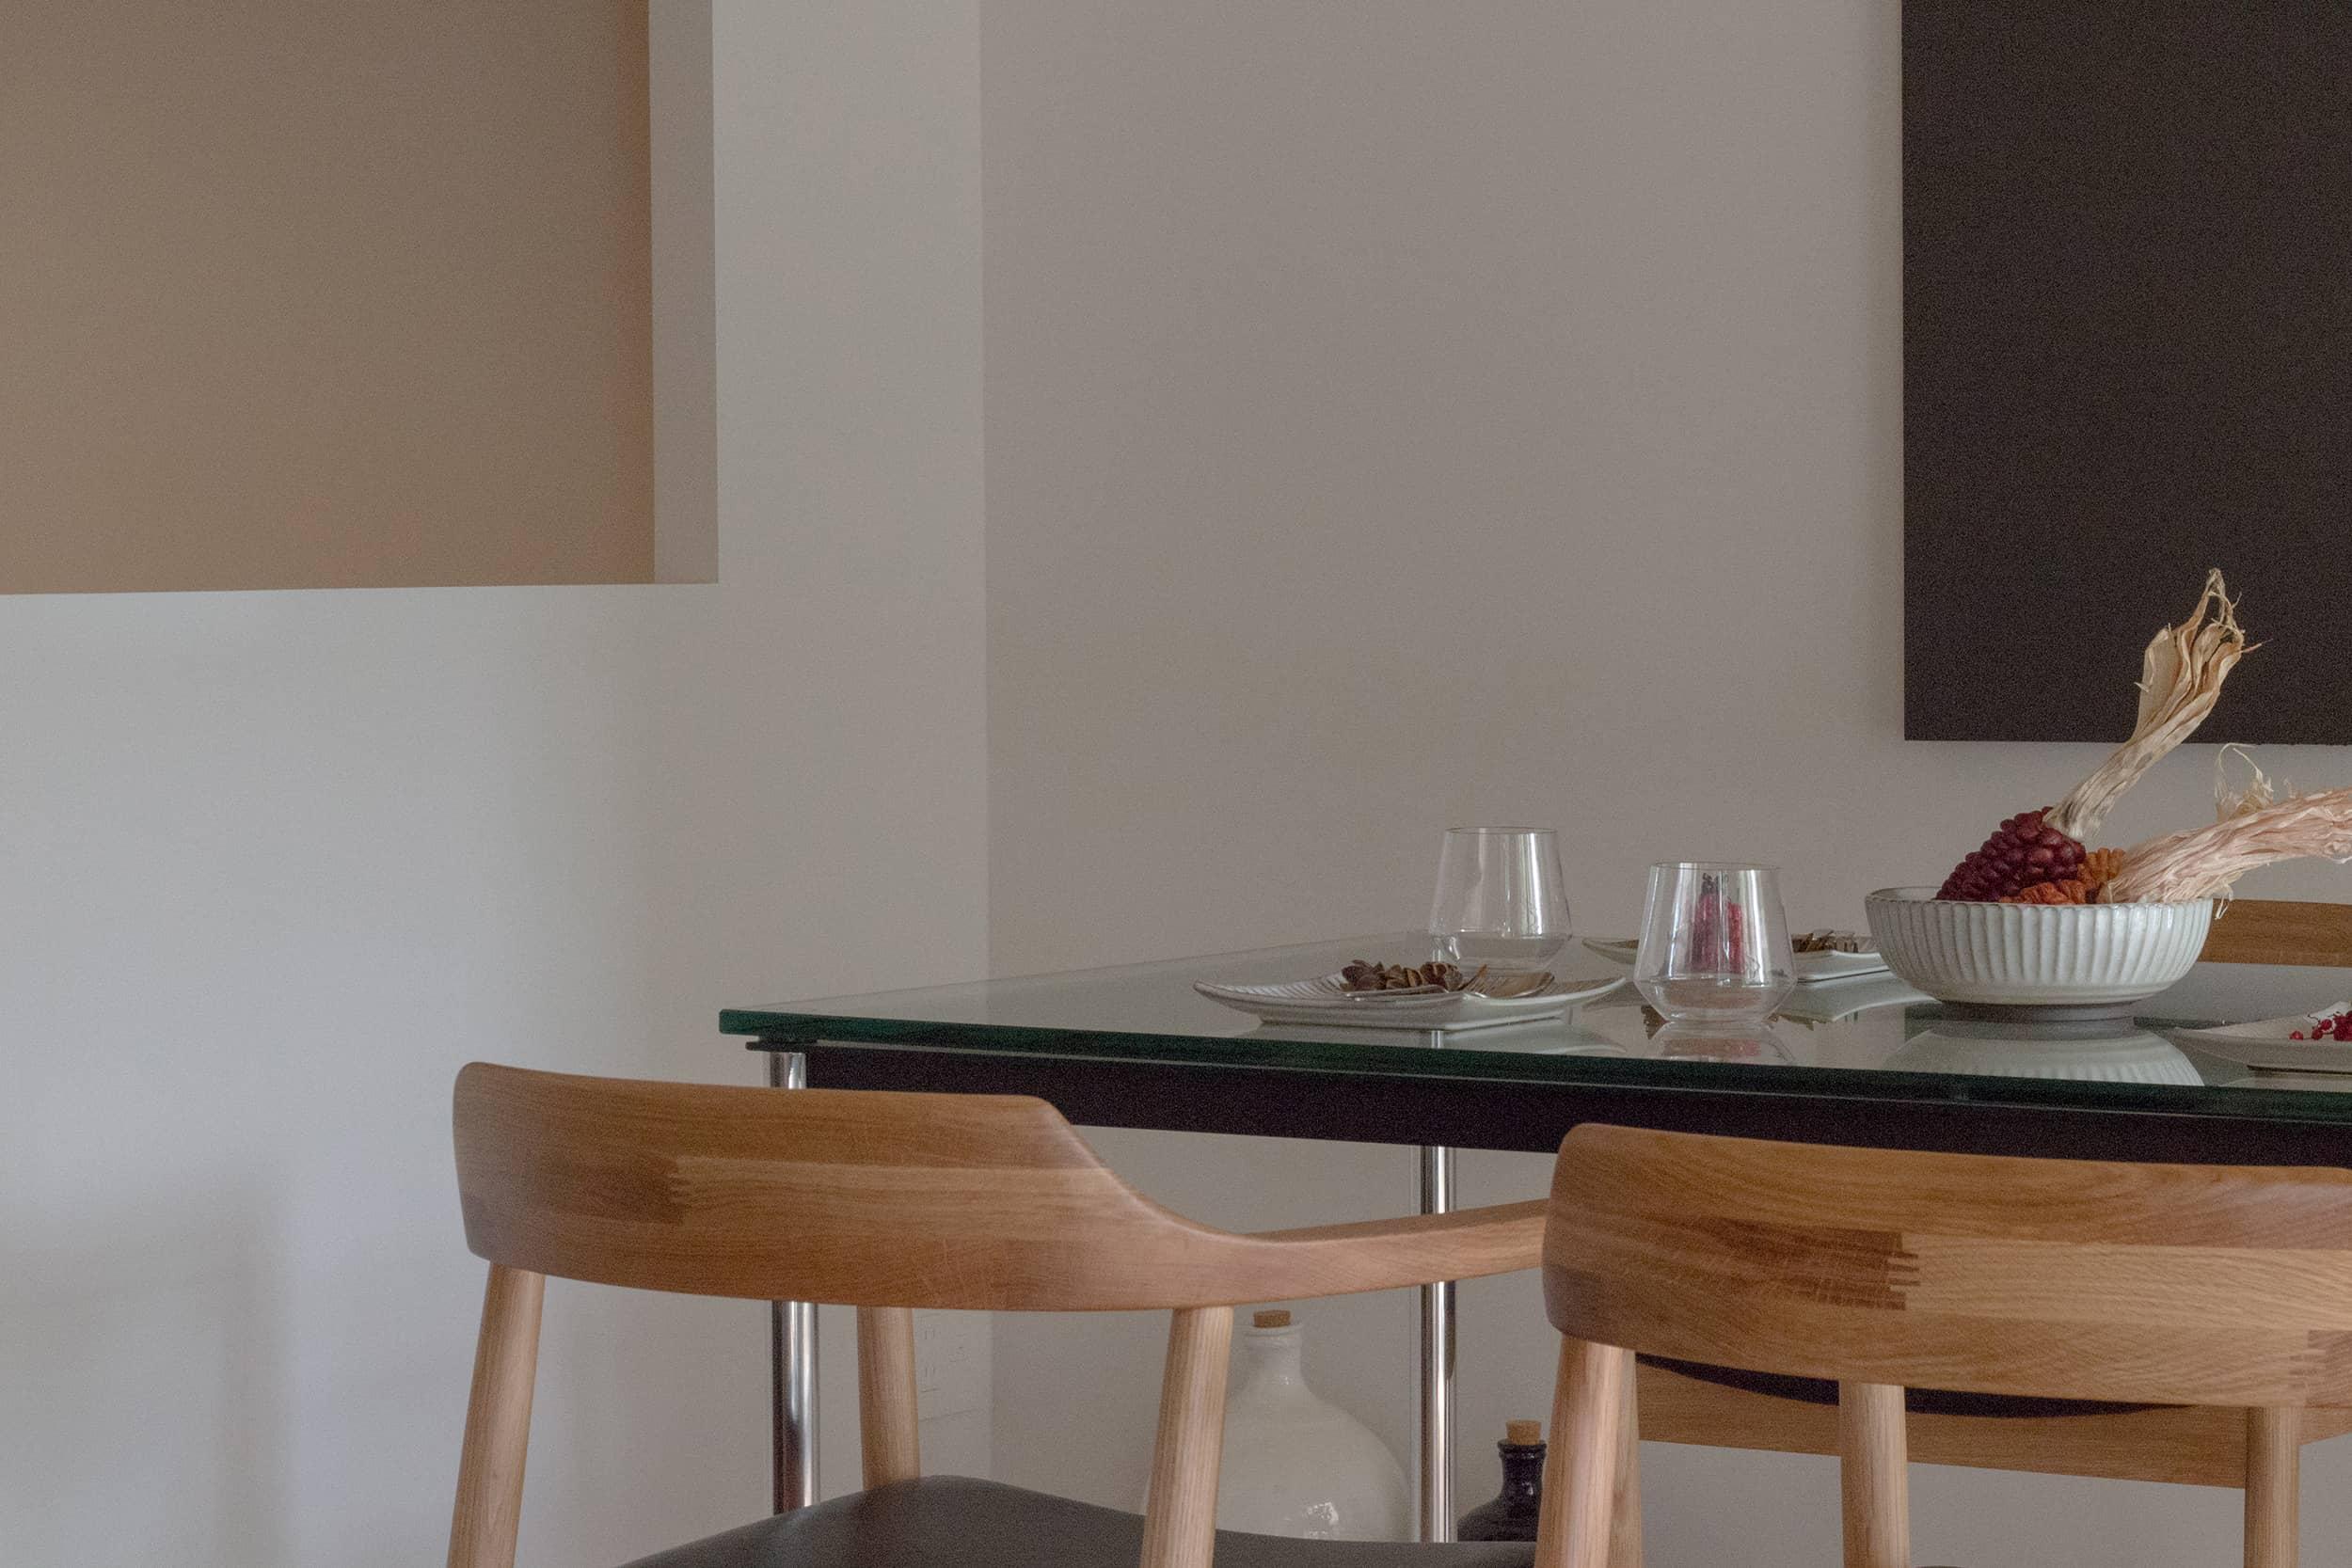 蒲田グリーンパークモデルルーム / ダイニングテーブルとチェア